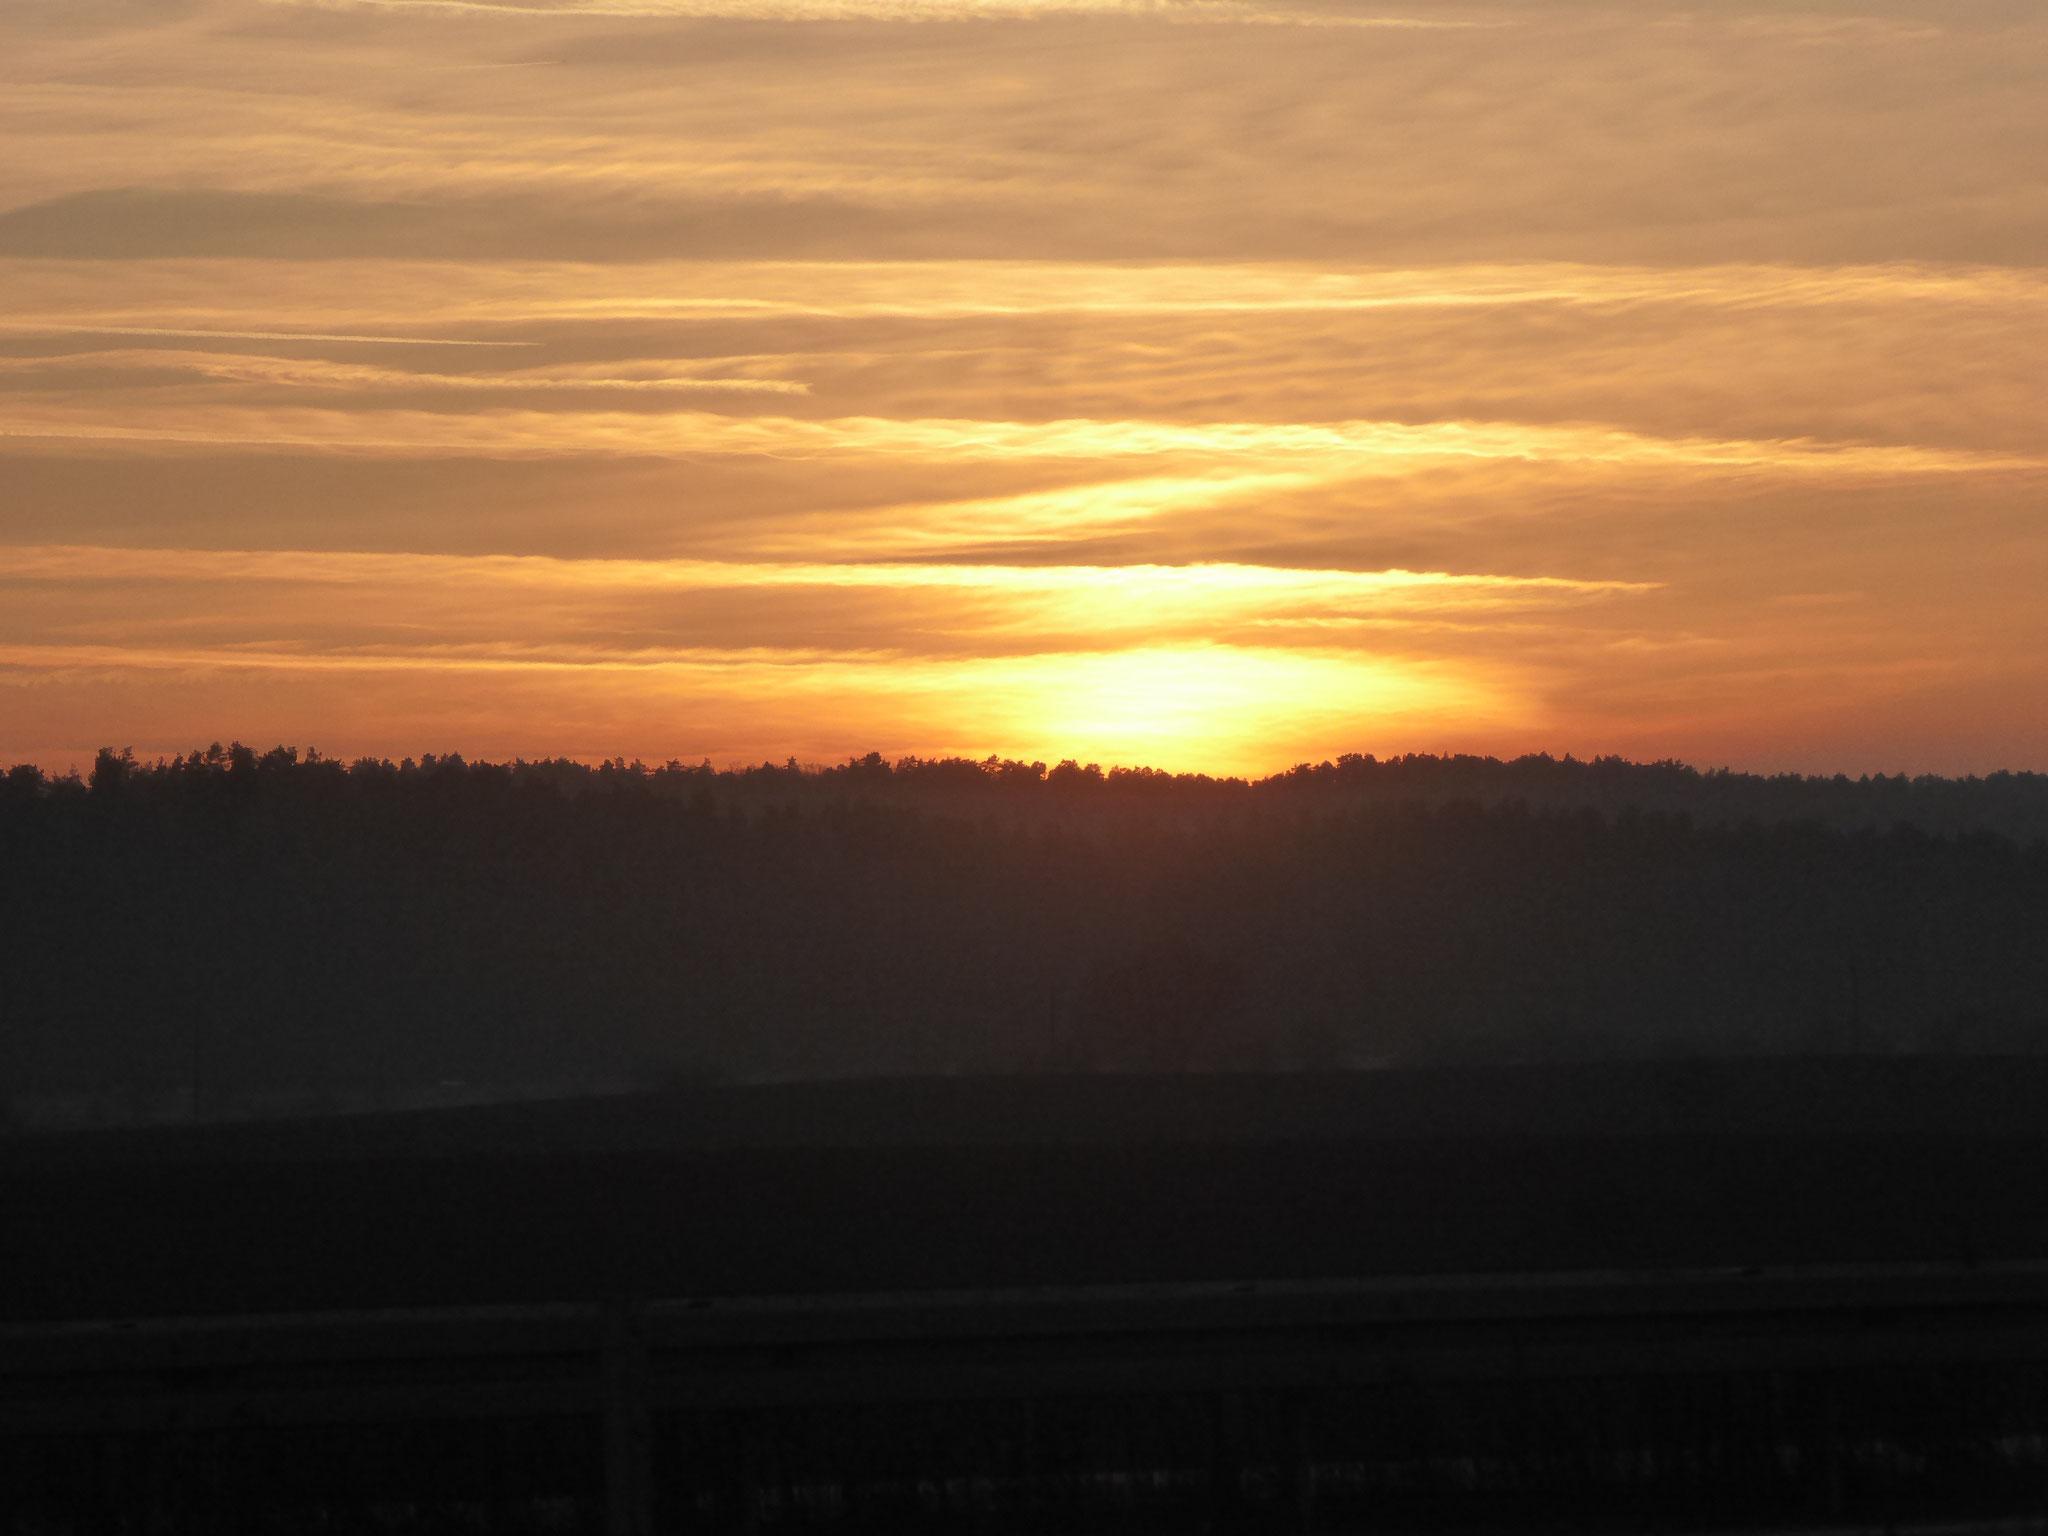 Sonnenuntergang von der KGA Quedlinburg 2